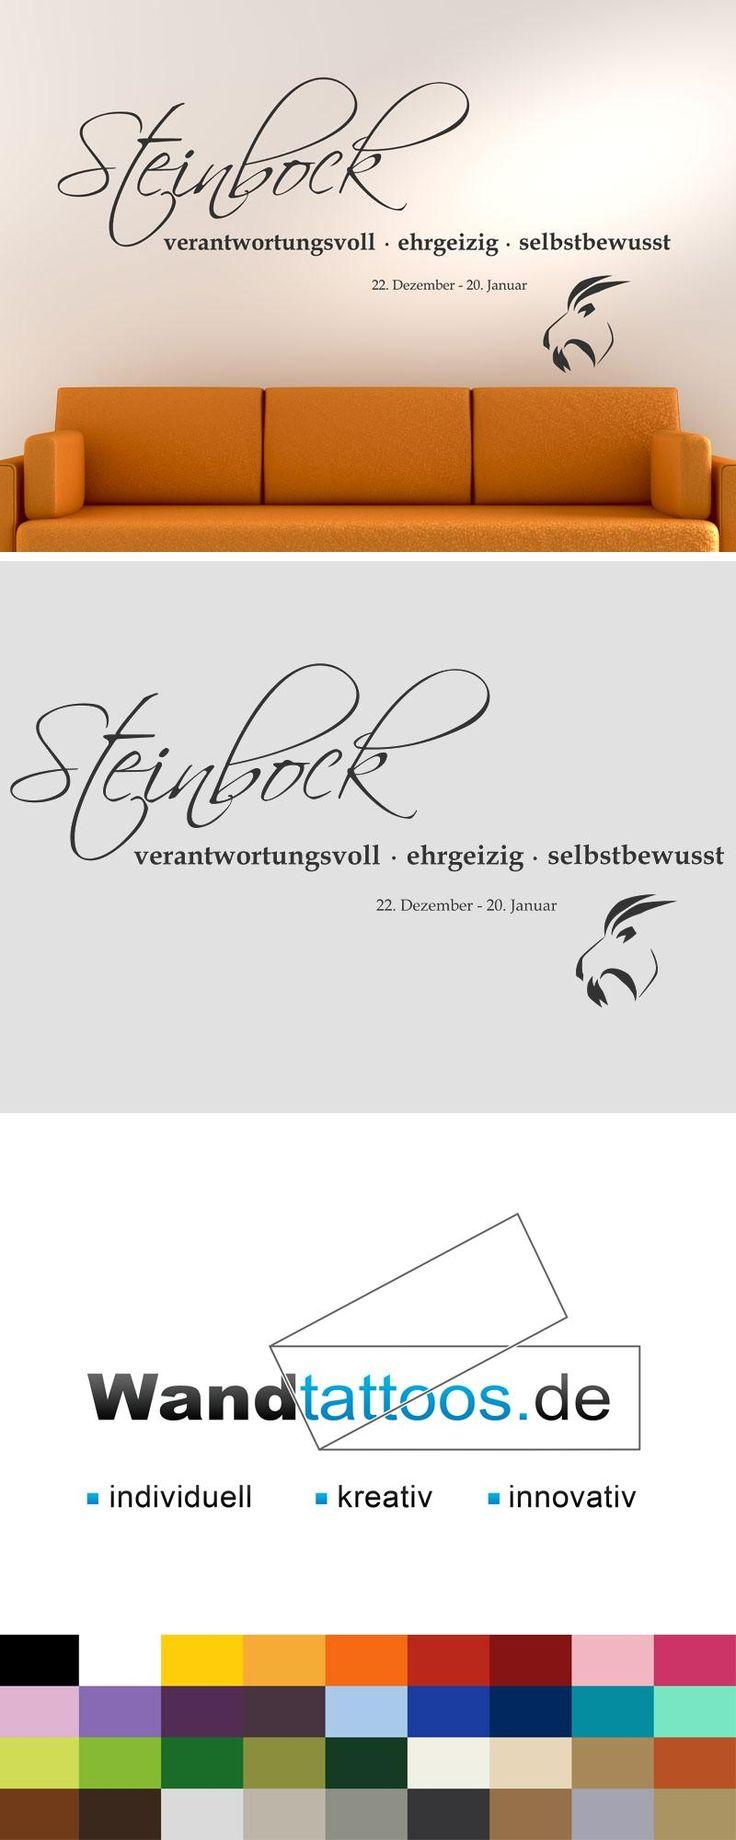 """Wandtattoo Sternzeichen """"Steinbock"""" als Idee zur individuellen Wandgestaltung. Einfach Lieblingsfarbe und Größe auswählen. Weitere kreative Anregungen von Wandtattoos.de hier entdecken!"""